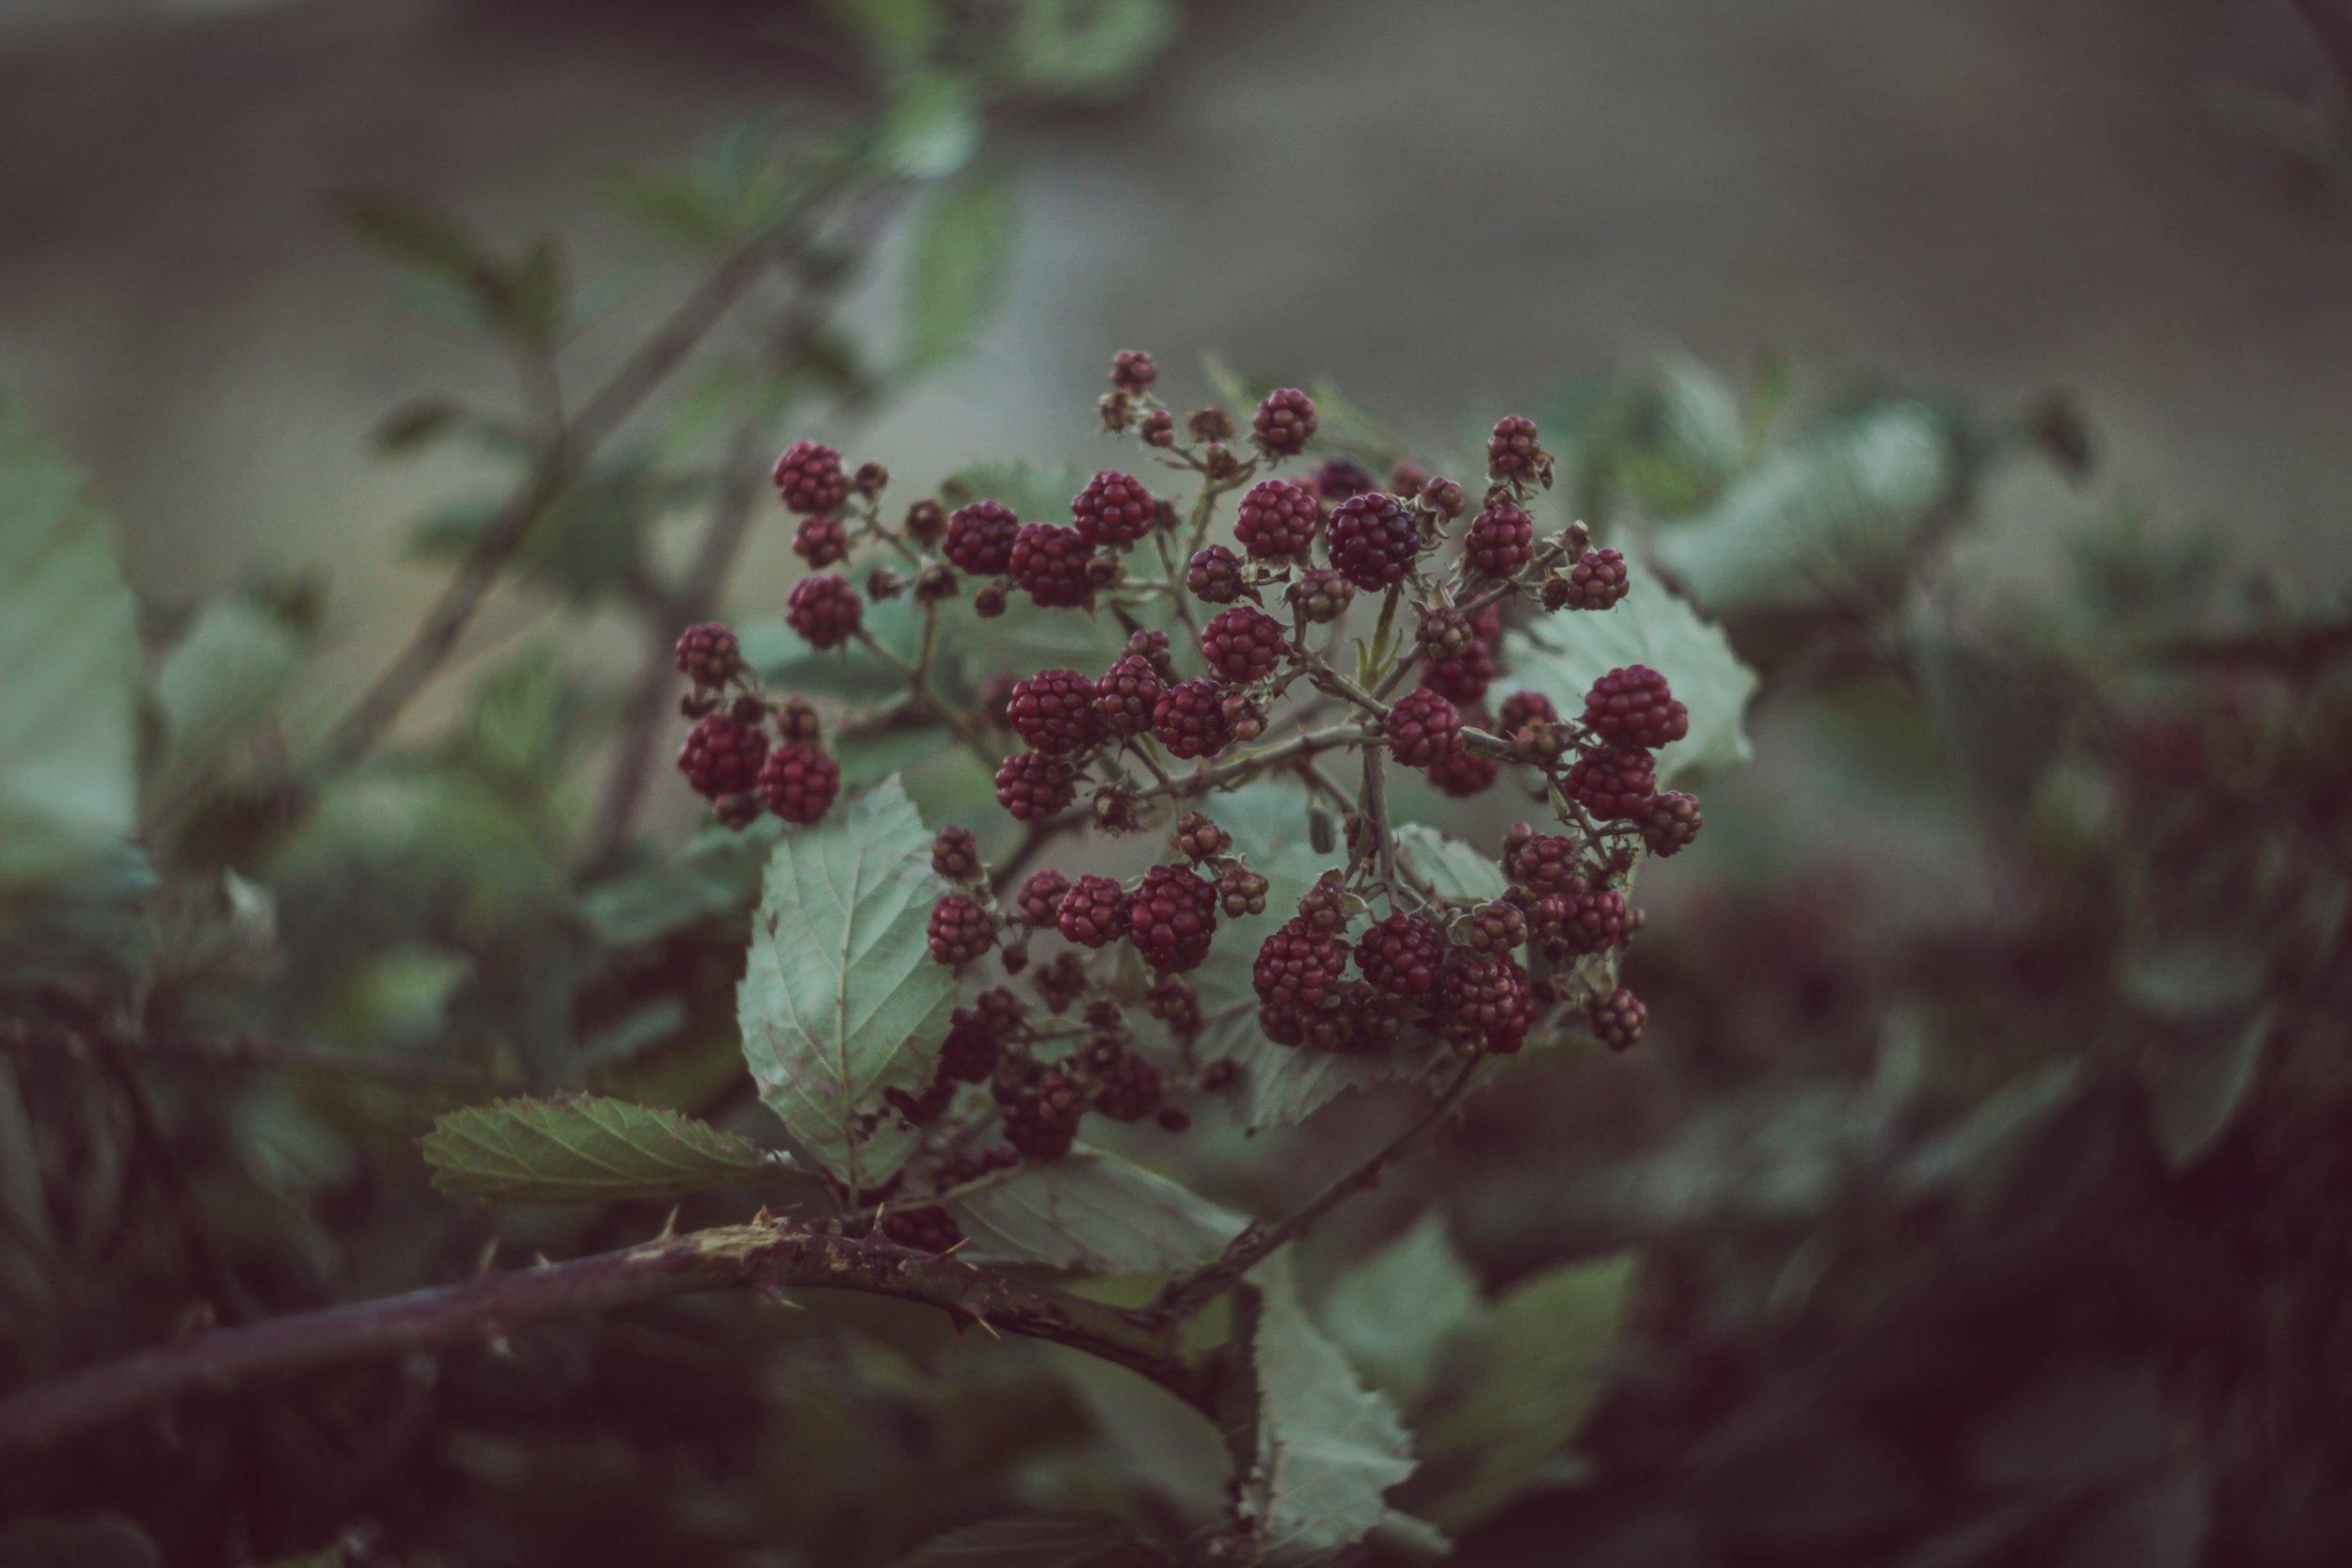 Photo by  Alina Chupakhina  on  Unsplash